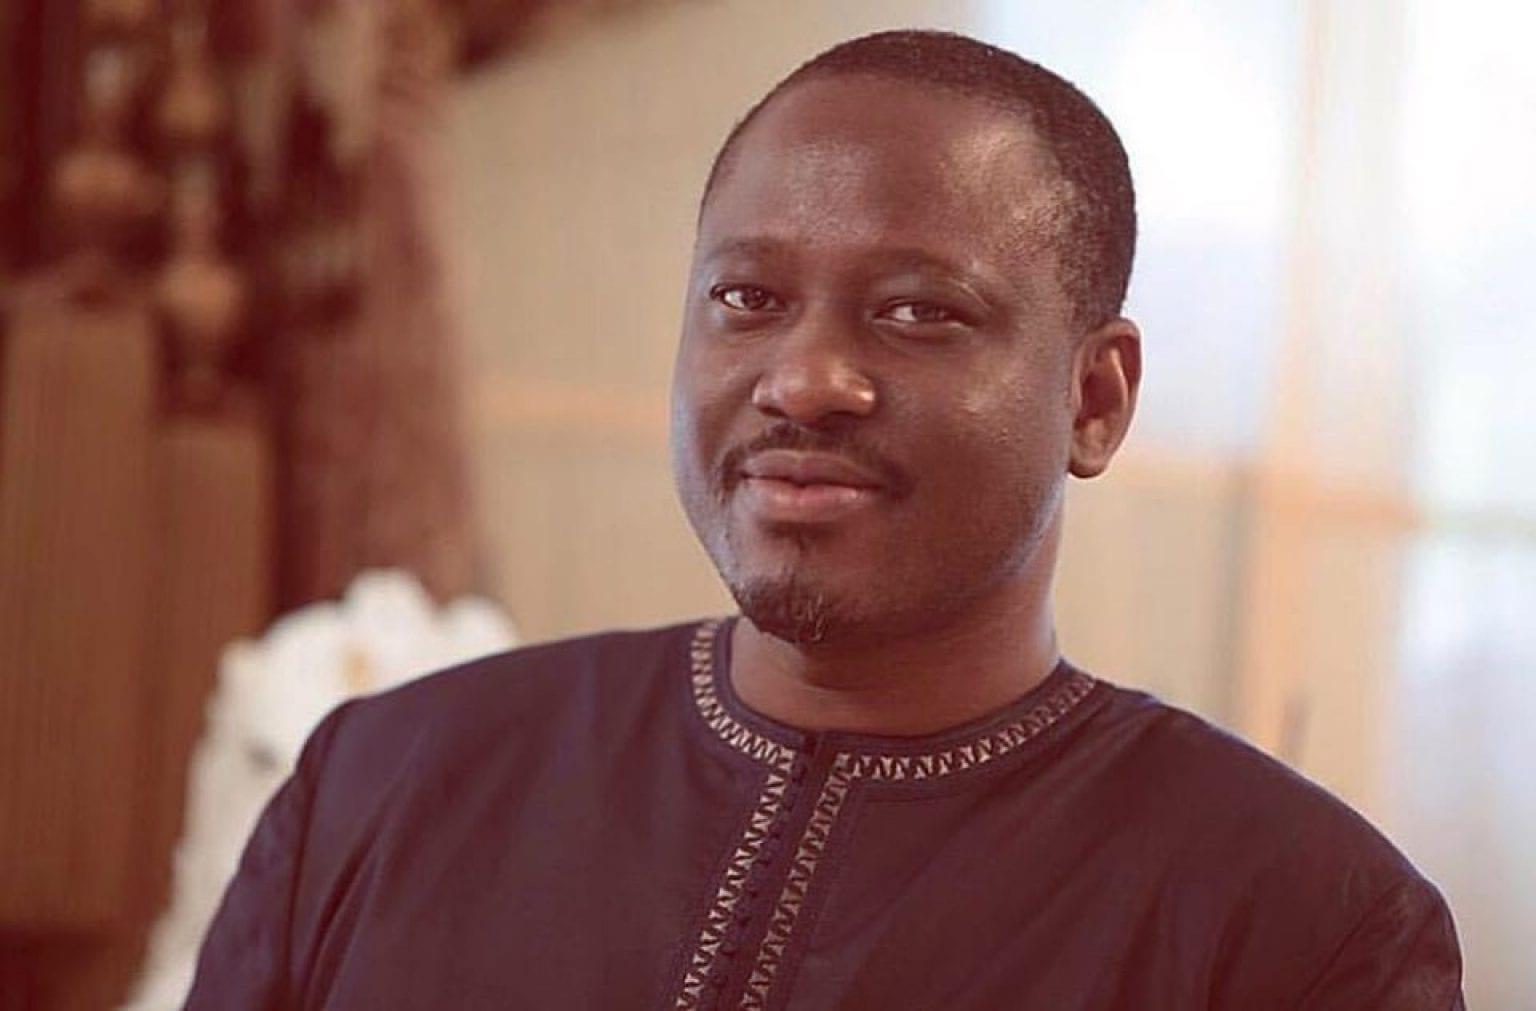 Soro envoie une pique à Ouattara : « ils se prennent pour des dieux mais quand souffle la tempête, ces dieux ne sont que de vulgaires peureux »